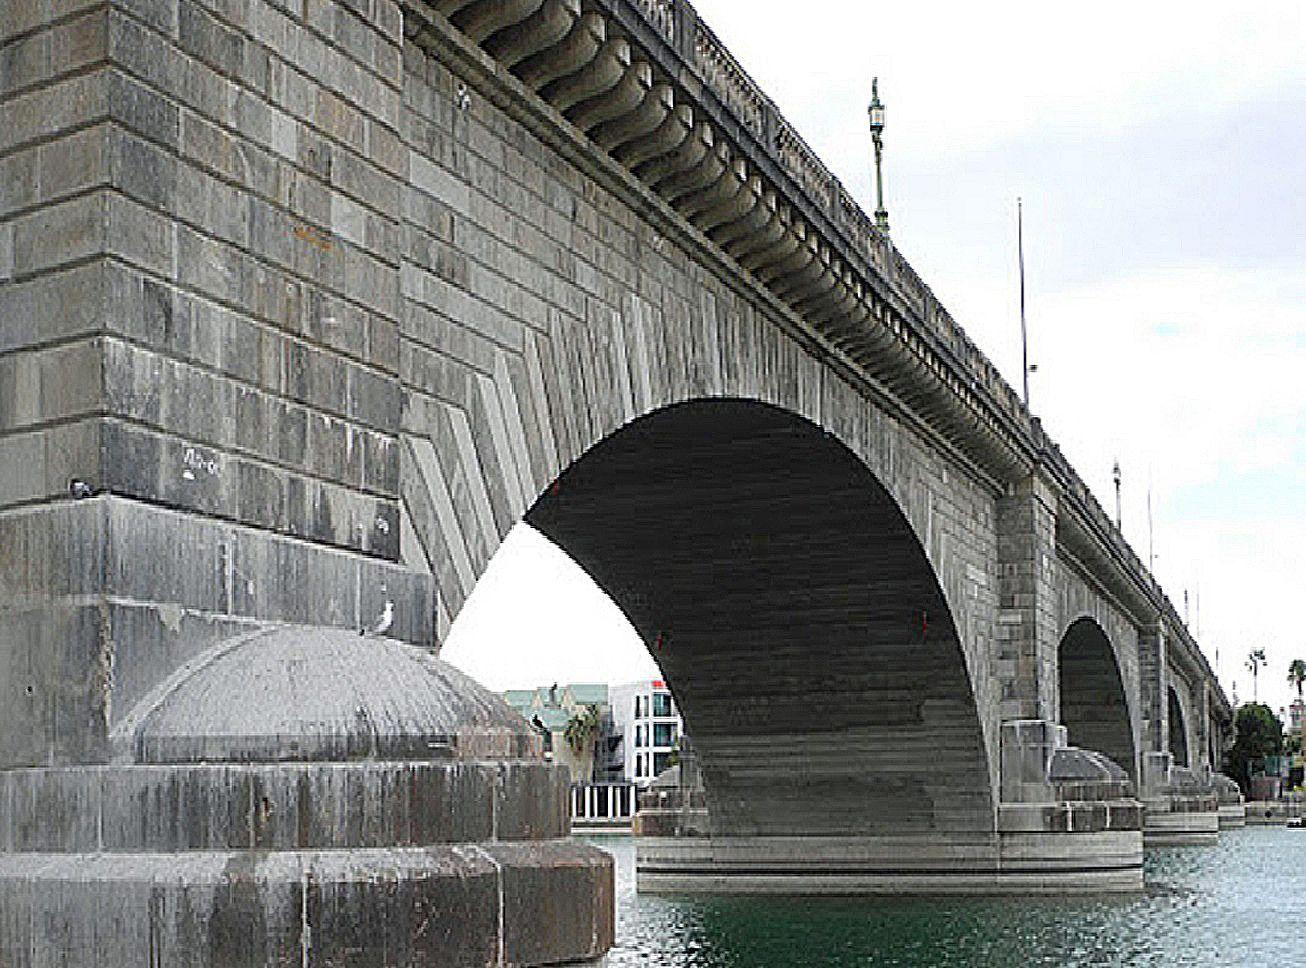 Arizona: London Bridge isn't falling down!